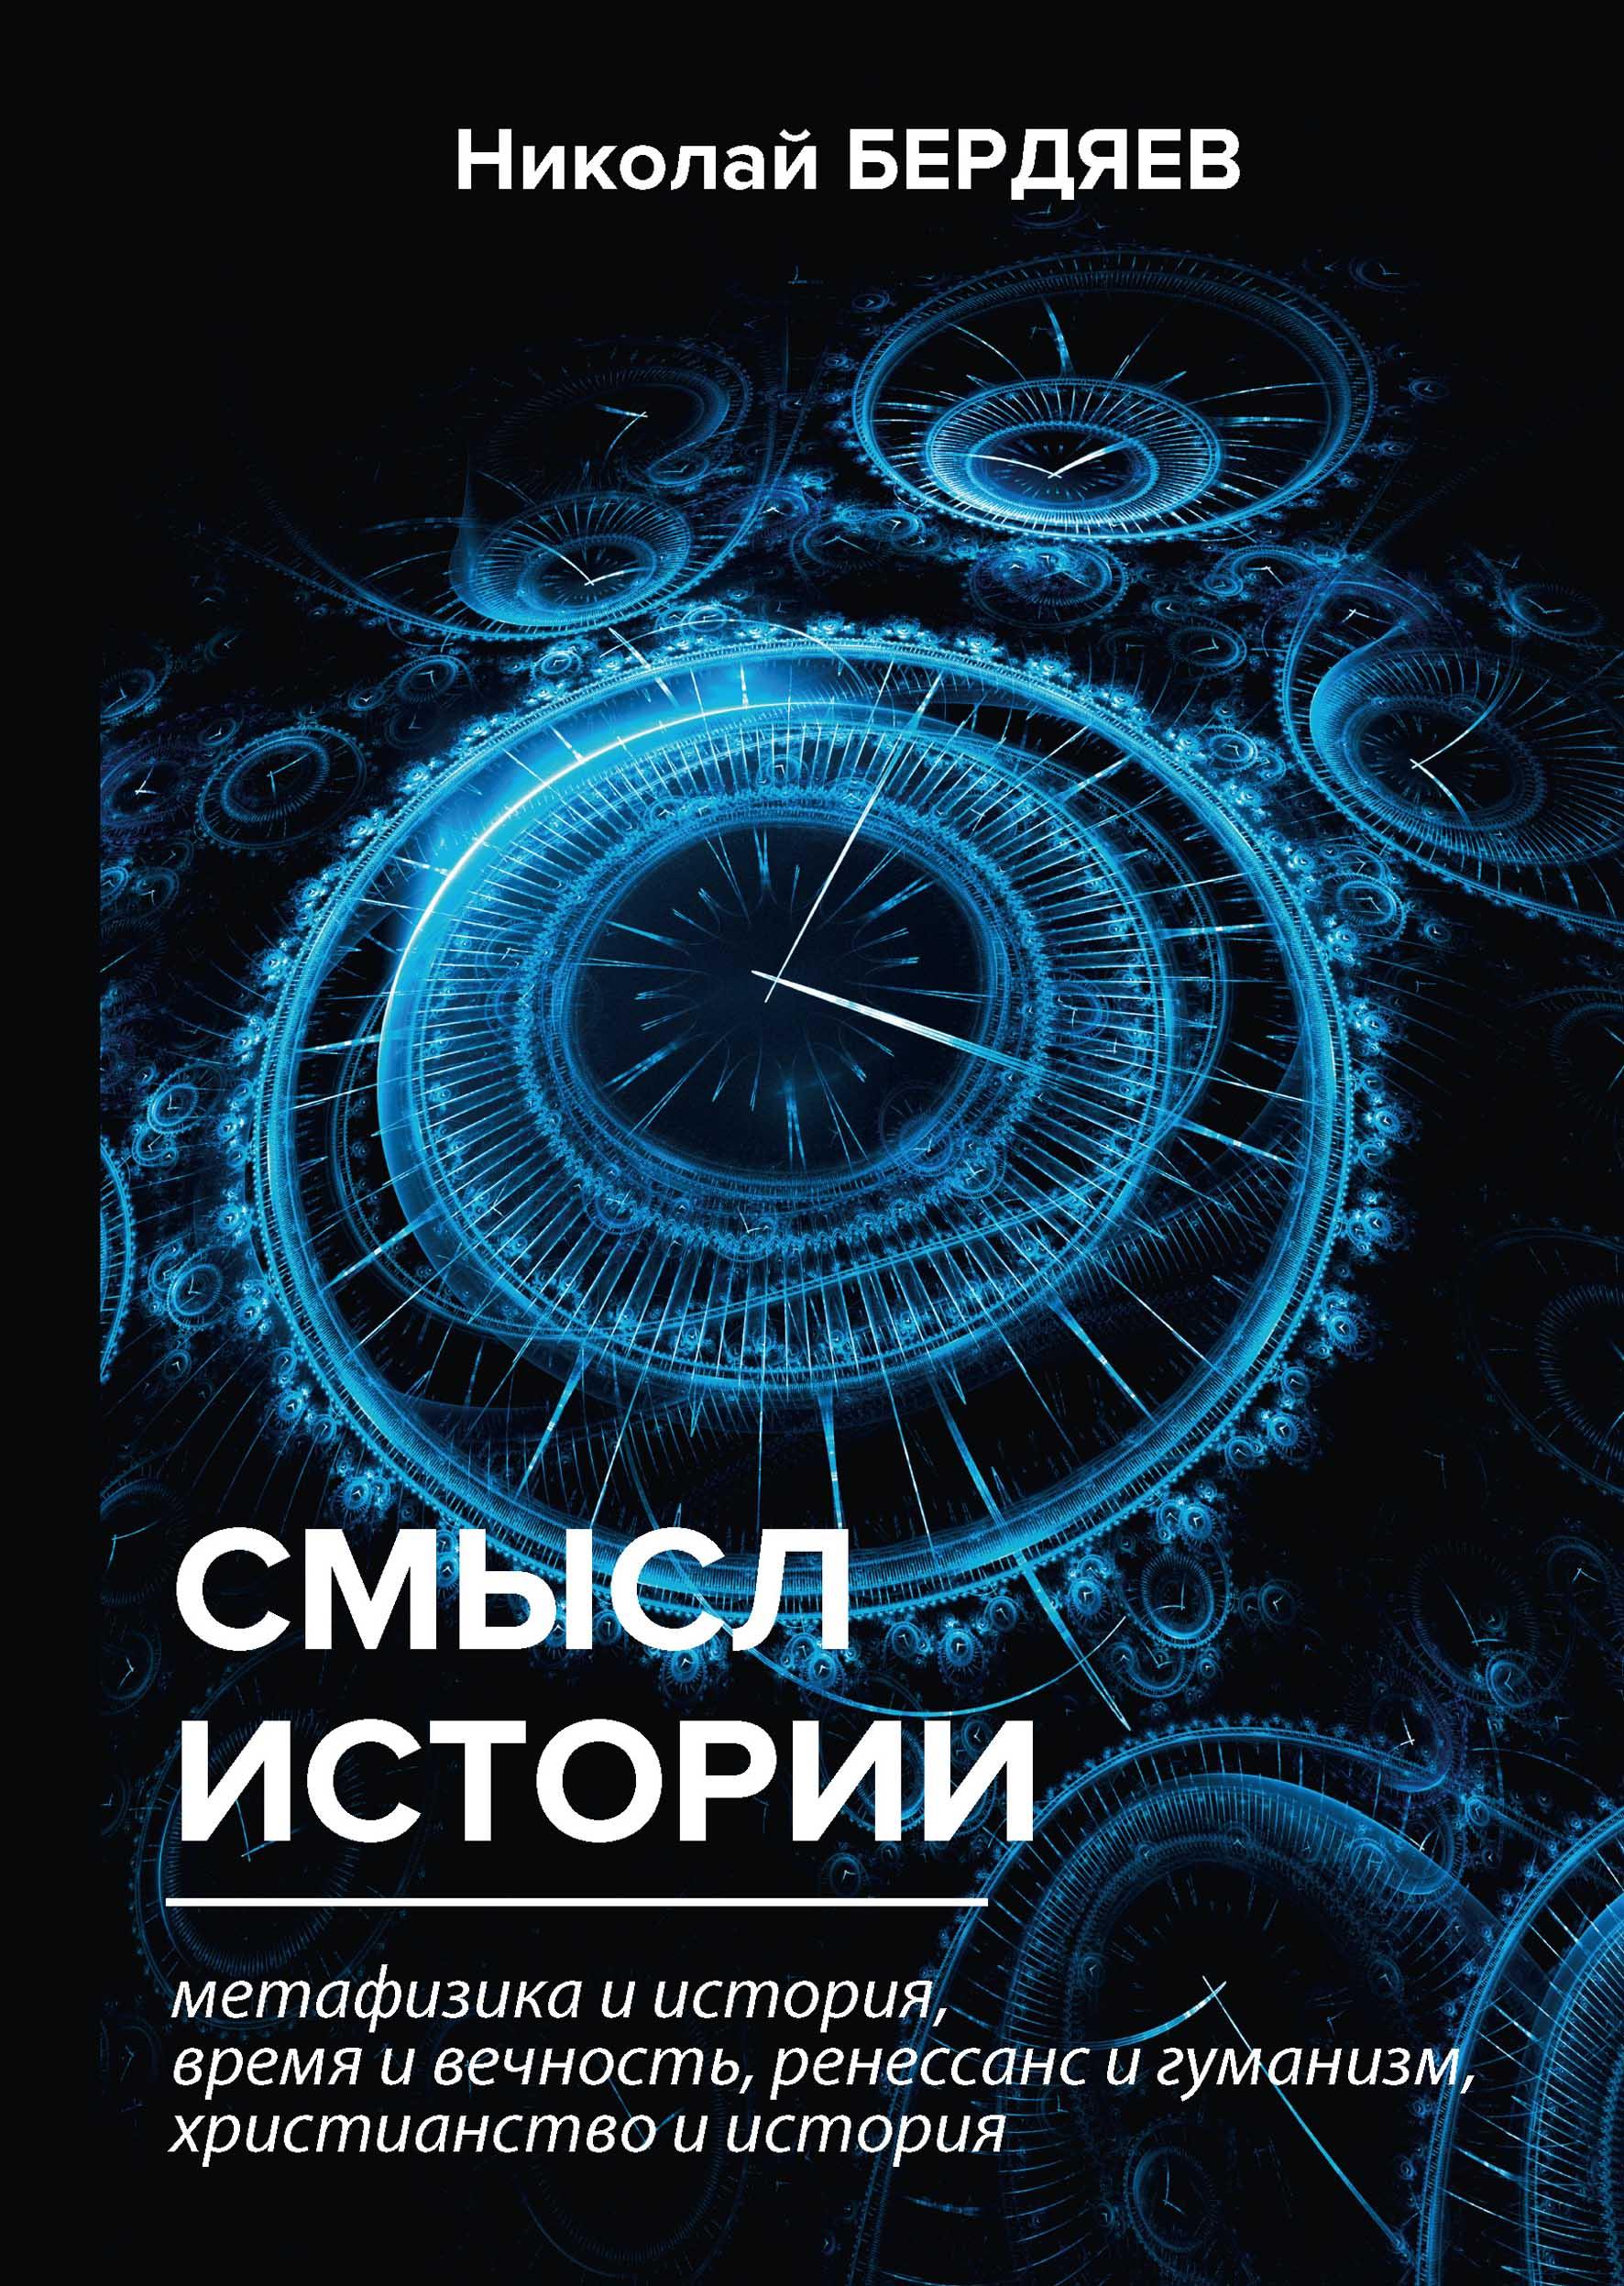 Смысл истории. Николай Бердяев